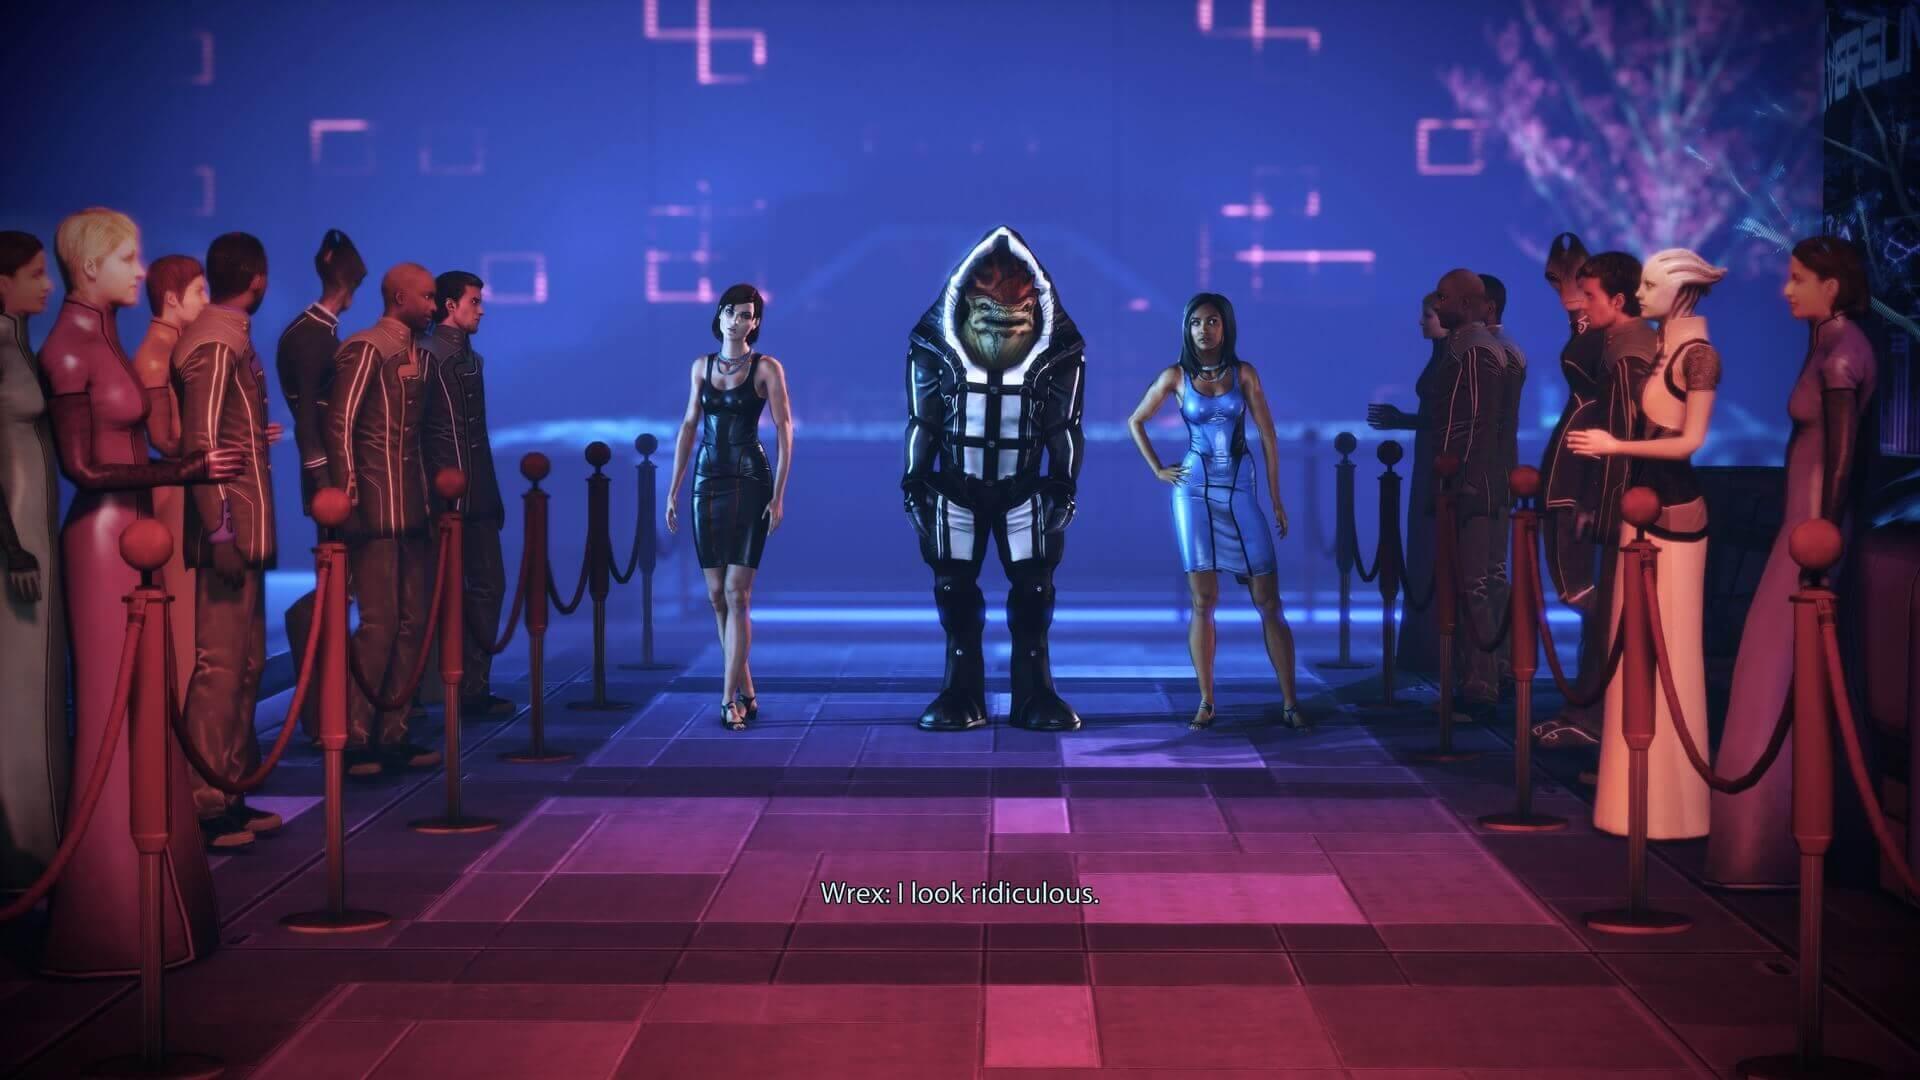 Mass Effect, EA, Bioware, Mass Effect Legendary Edition, Delfos, Mass Effect 3